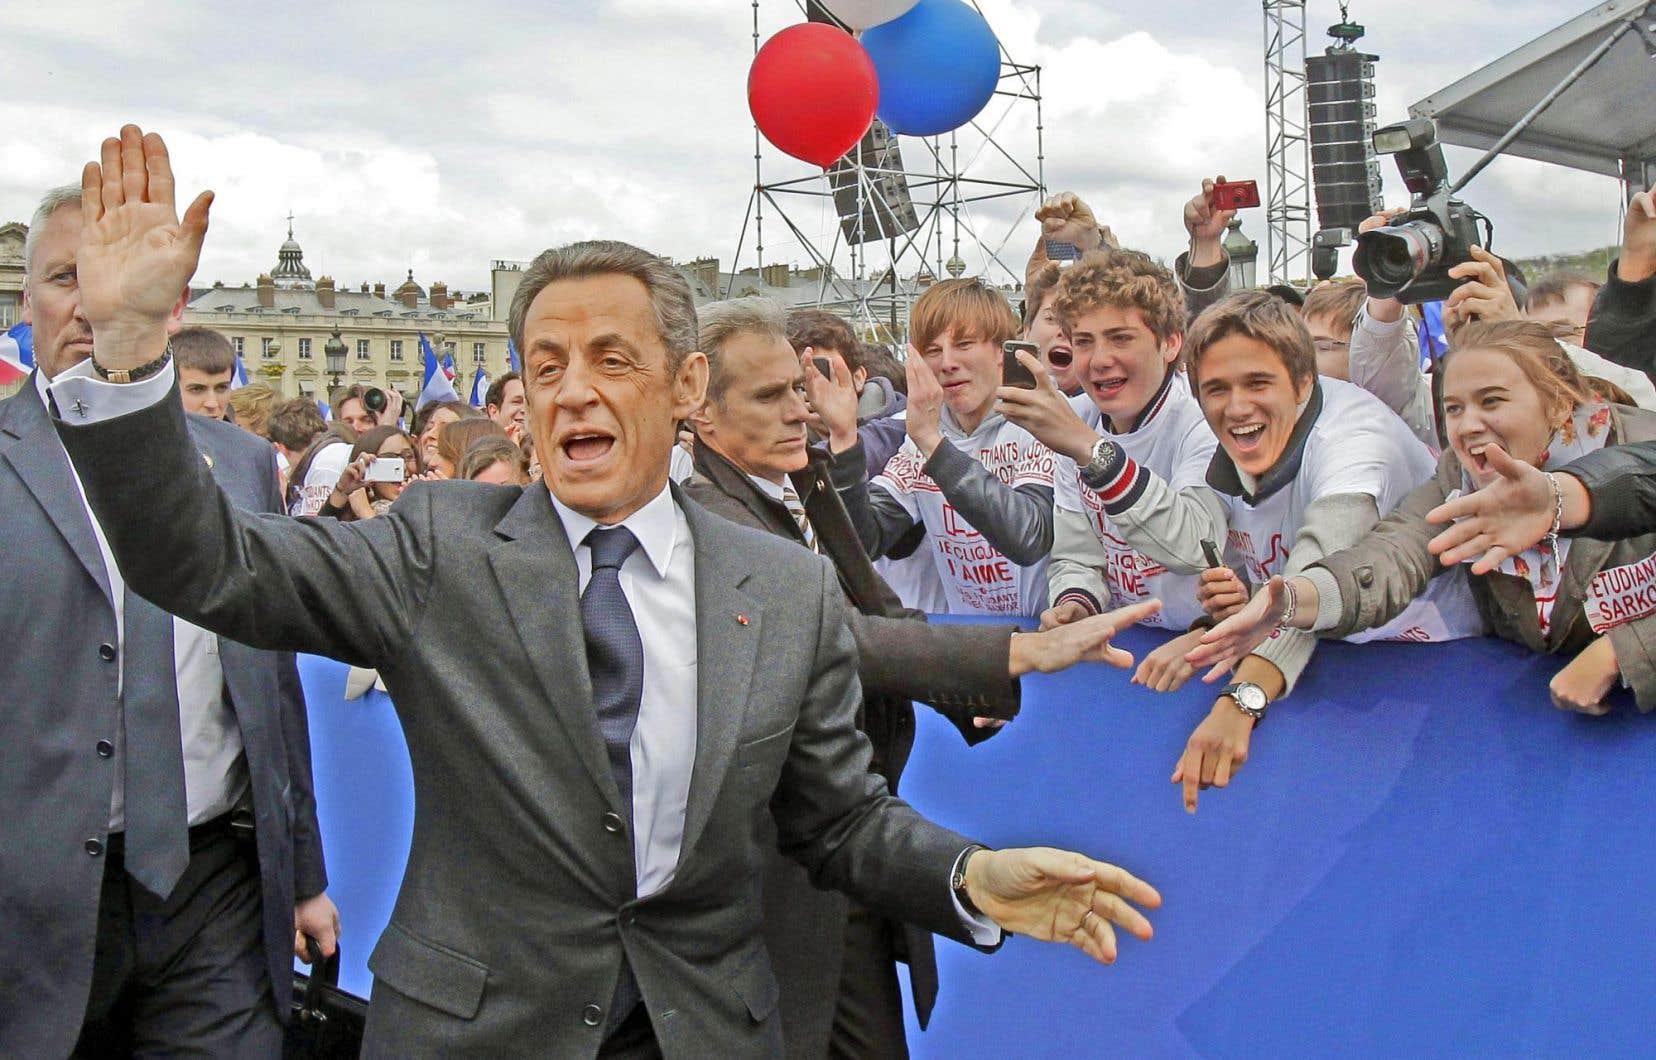 L'affaire Bygmalion remonte à la présidentielle française de 2012.